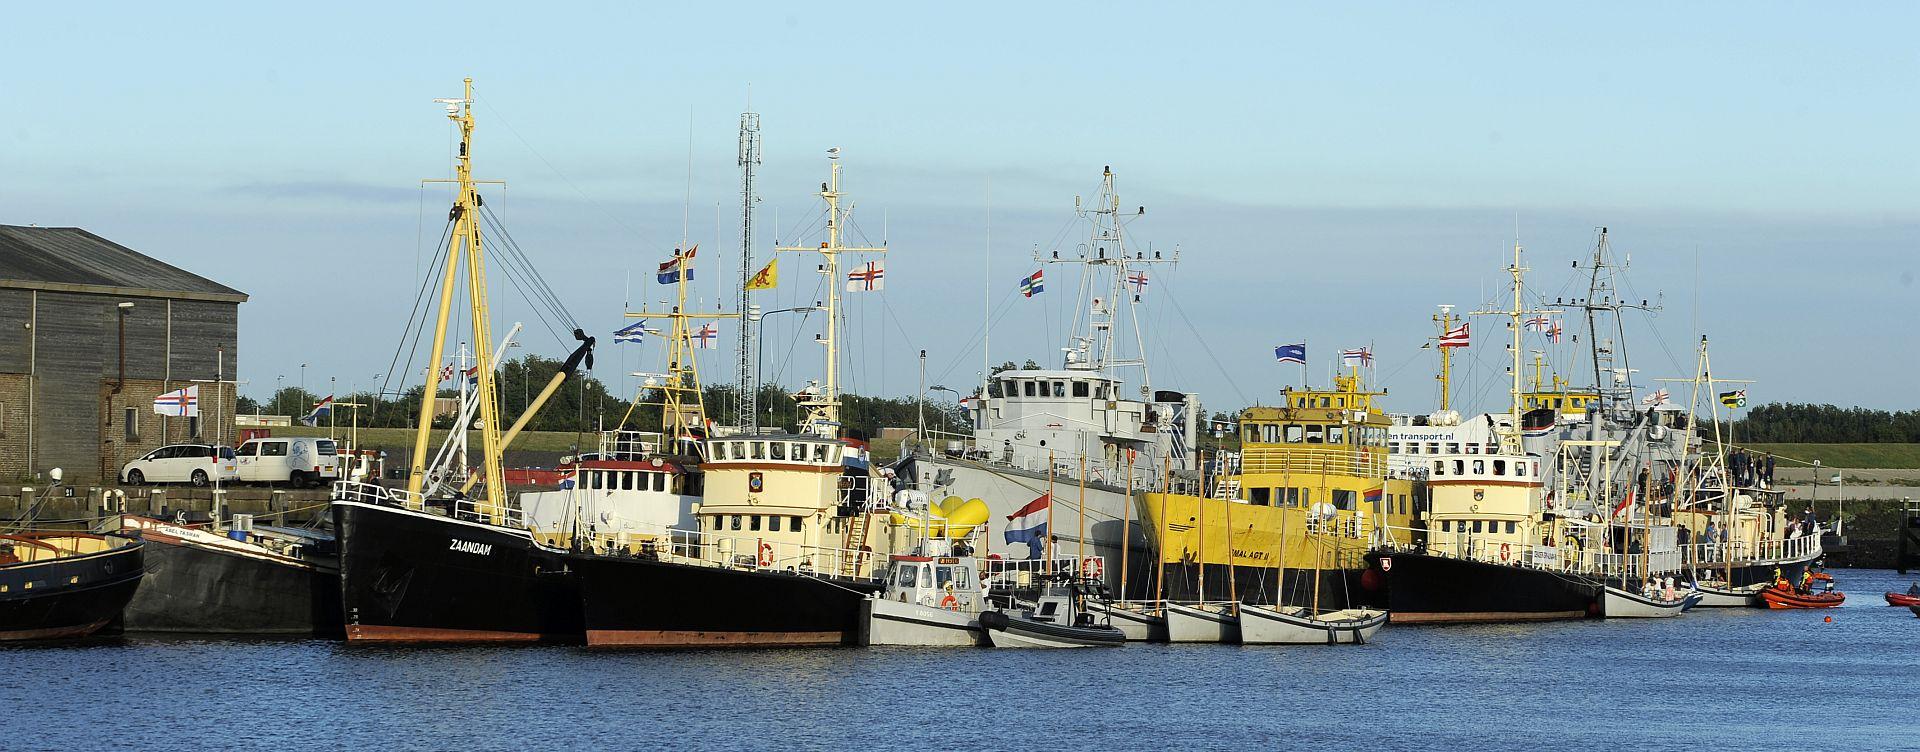 Schepen van het Zeekadetkorps Nederland